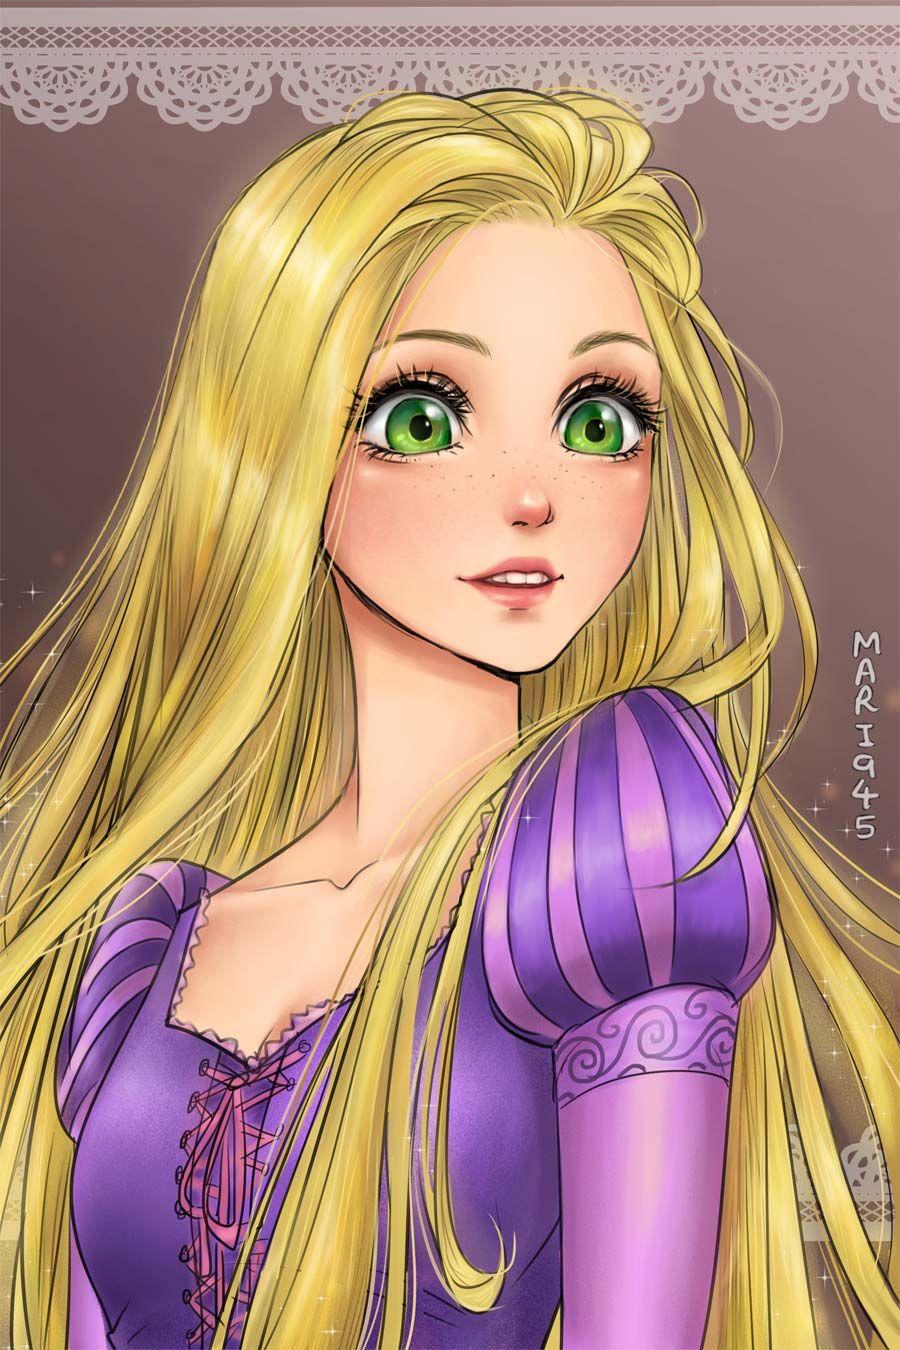 Princesas Disney em estilo Anime   Pinterest   Prince, Comment ...